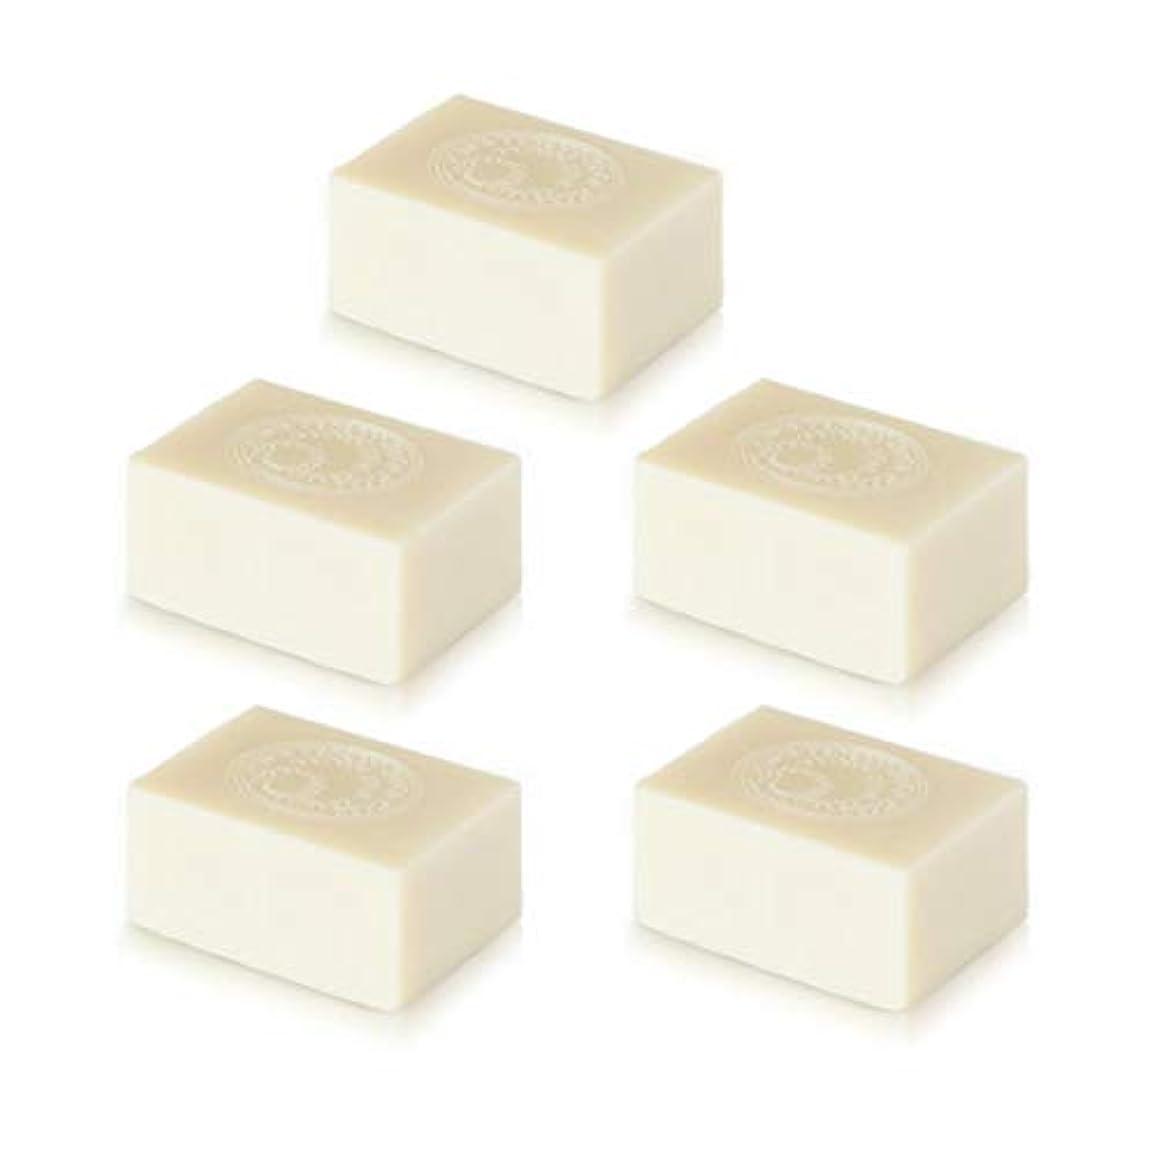 リネンイライラする協同ナイアード アルガン石鹸5個セット( 145g ×5個)無添加アルガン石鹸